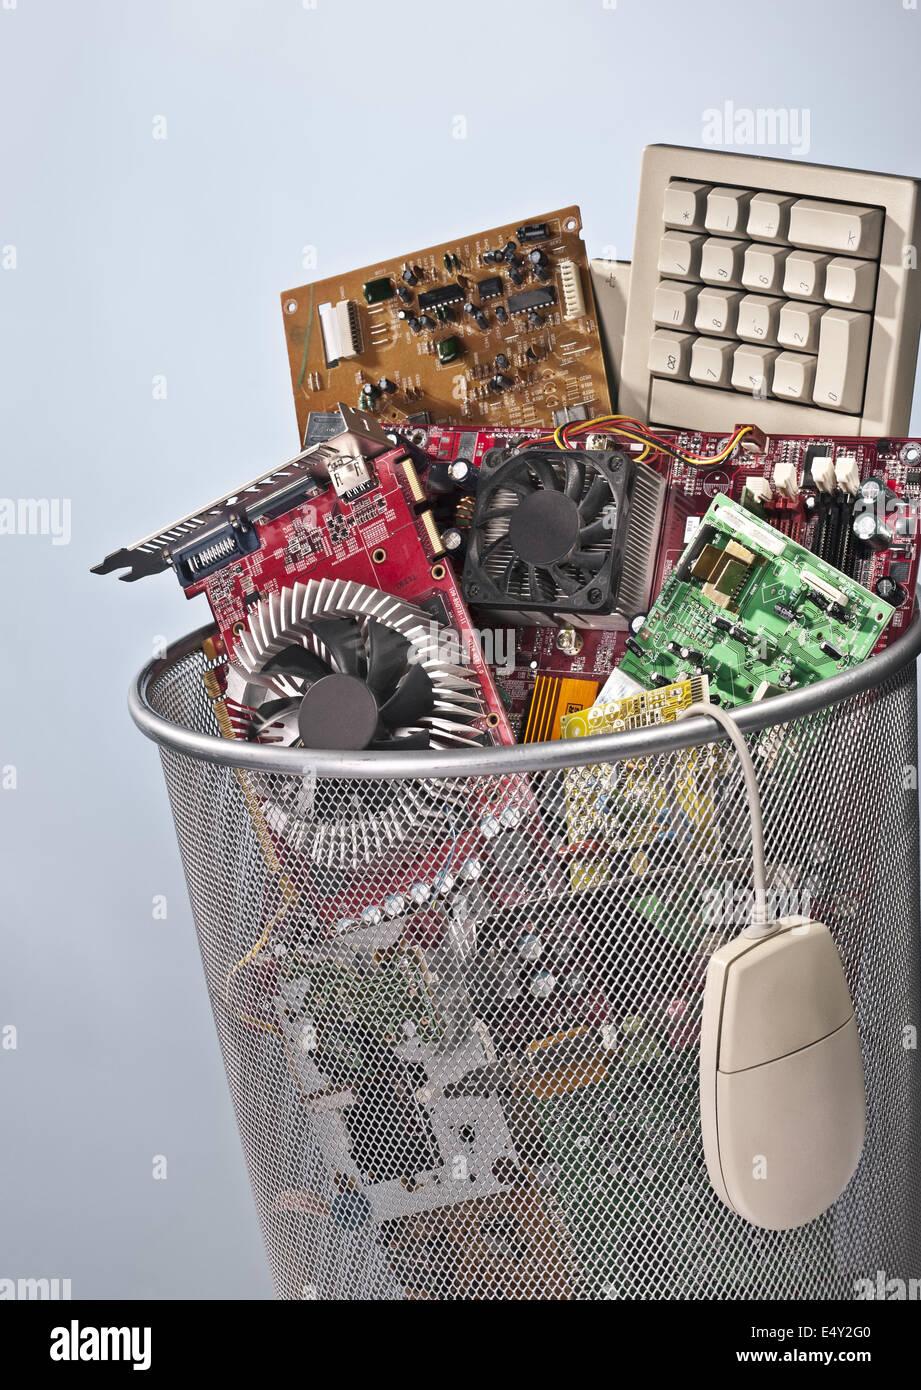 Cestello carta piena di rifiuti elettronici Immagini Stock